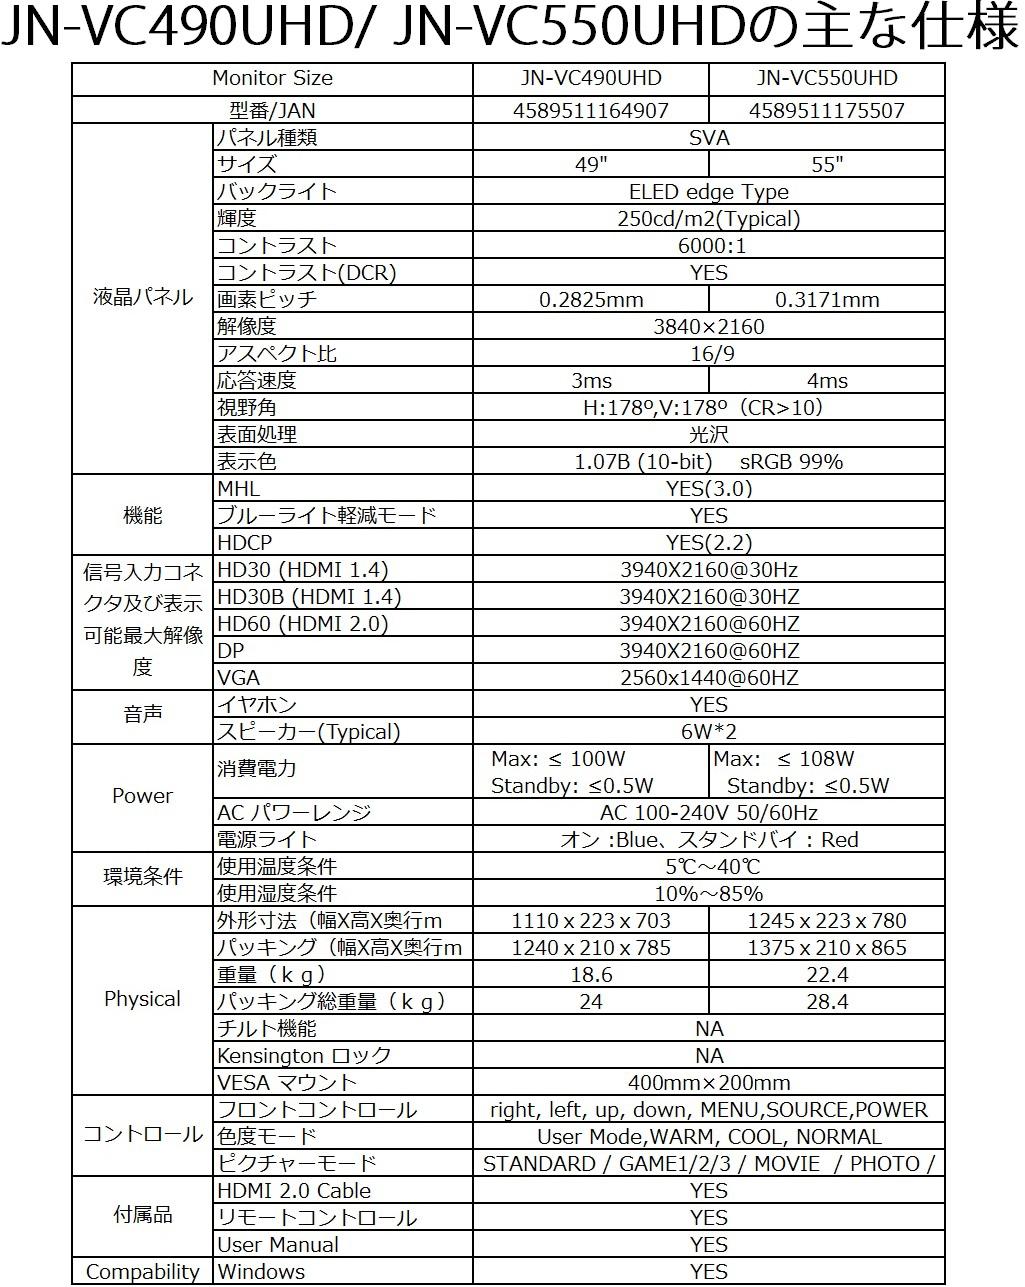 JN-T2820UHD MHL